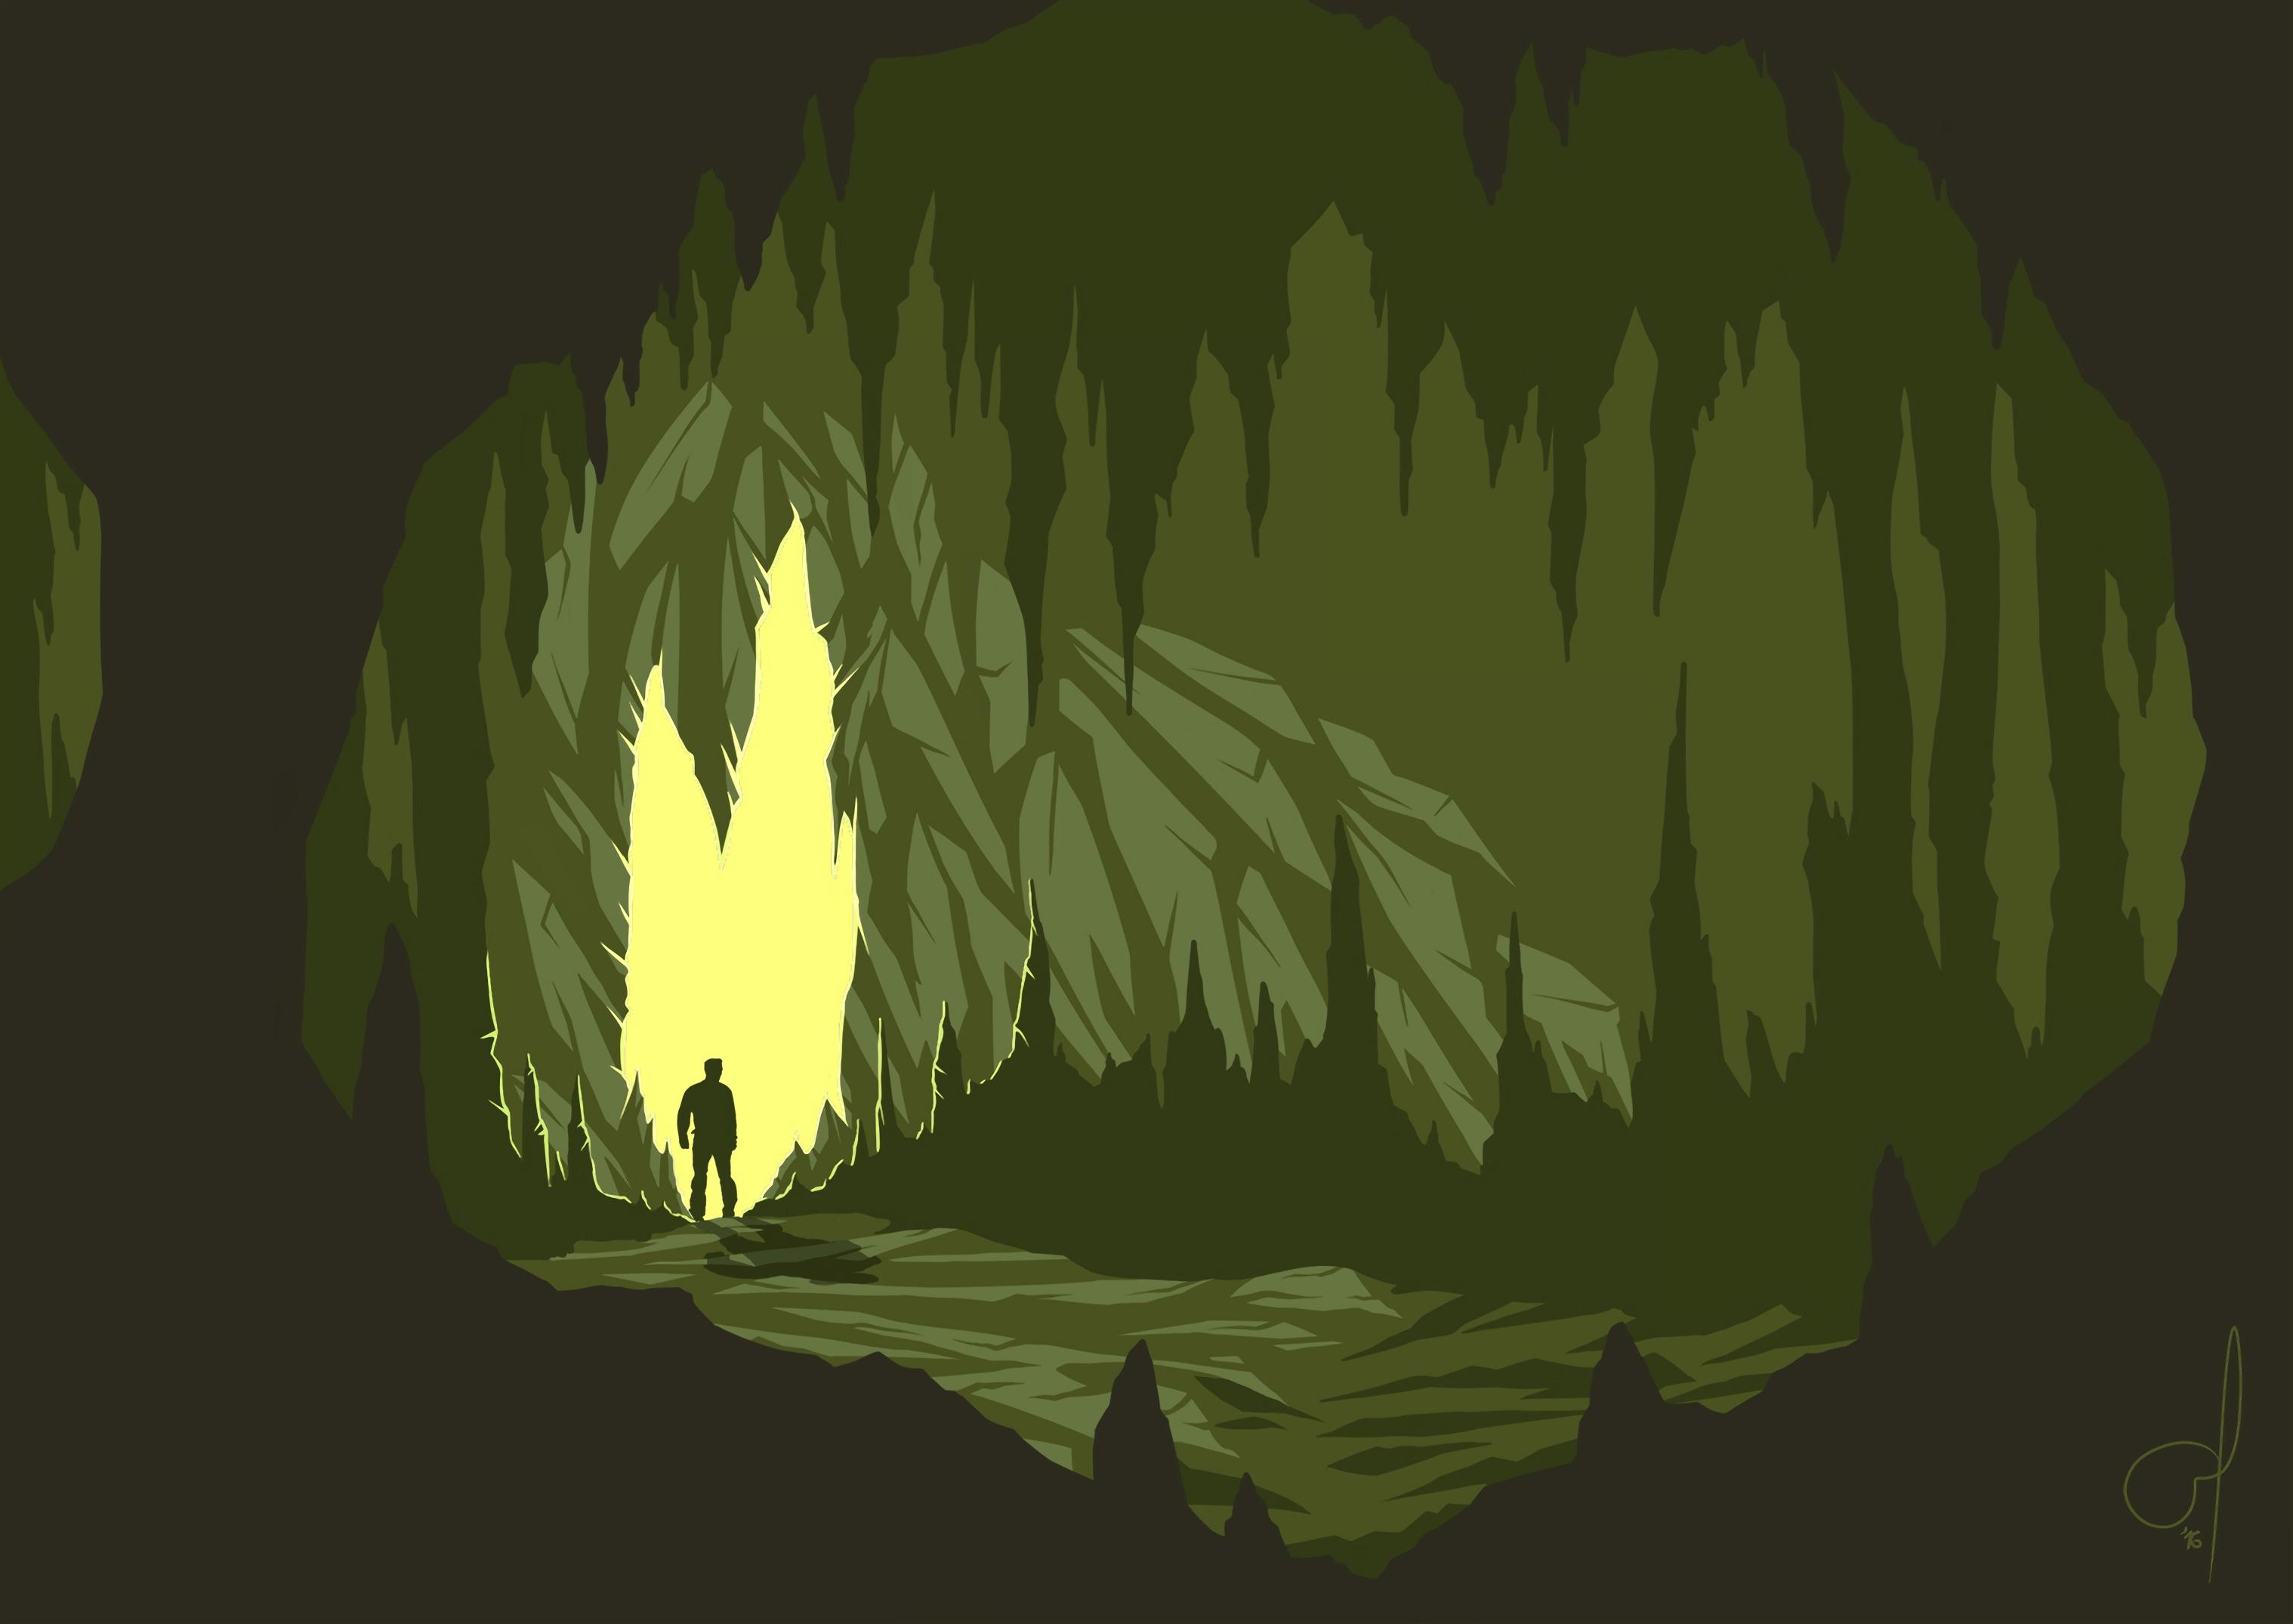 88495 Hintergrundbild herunterladen Kunst, Vektor, Dunkel, Silhouette, Höhle - Bildschirmschoner und Bilder kostenlos